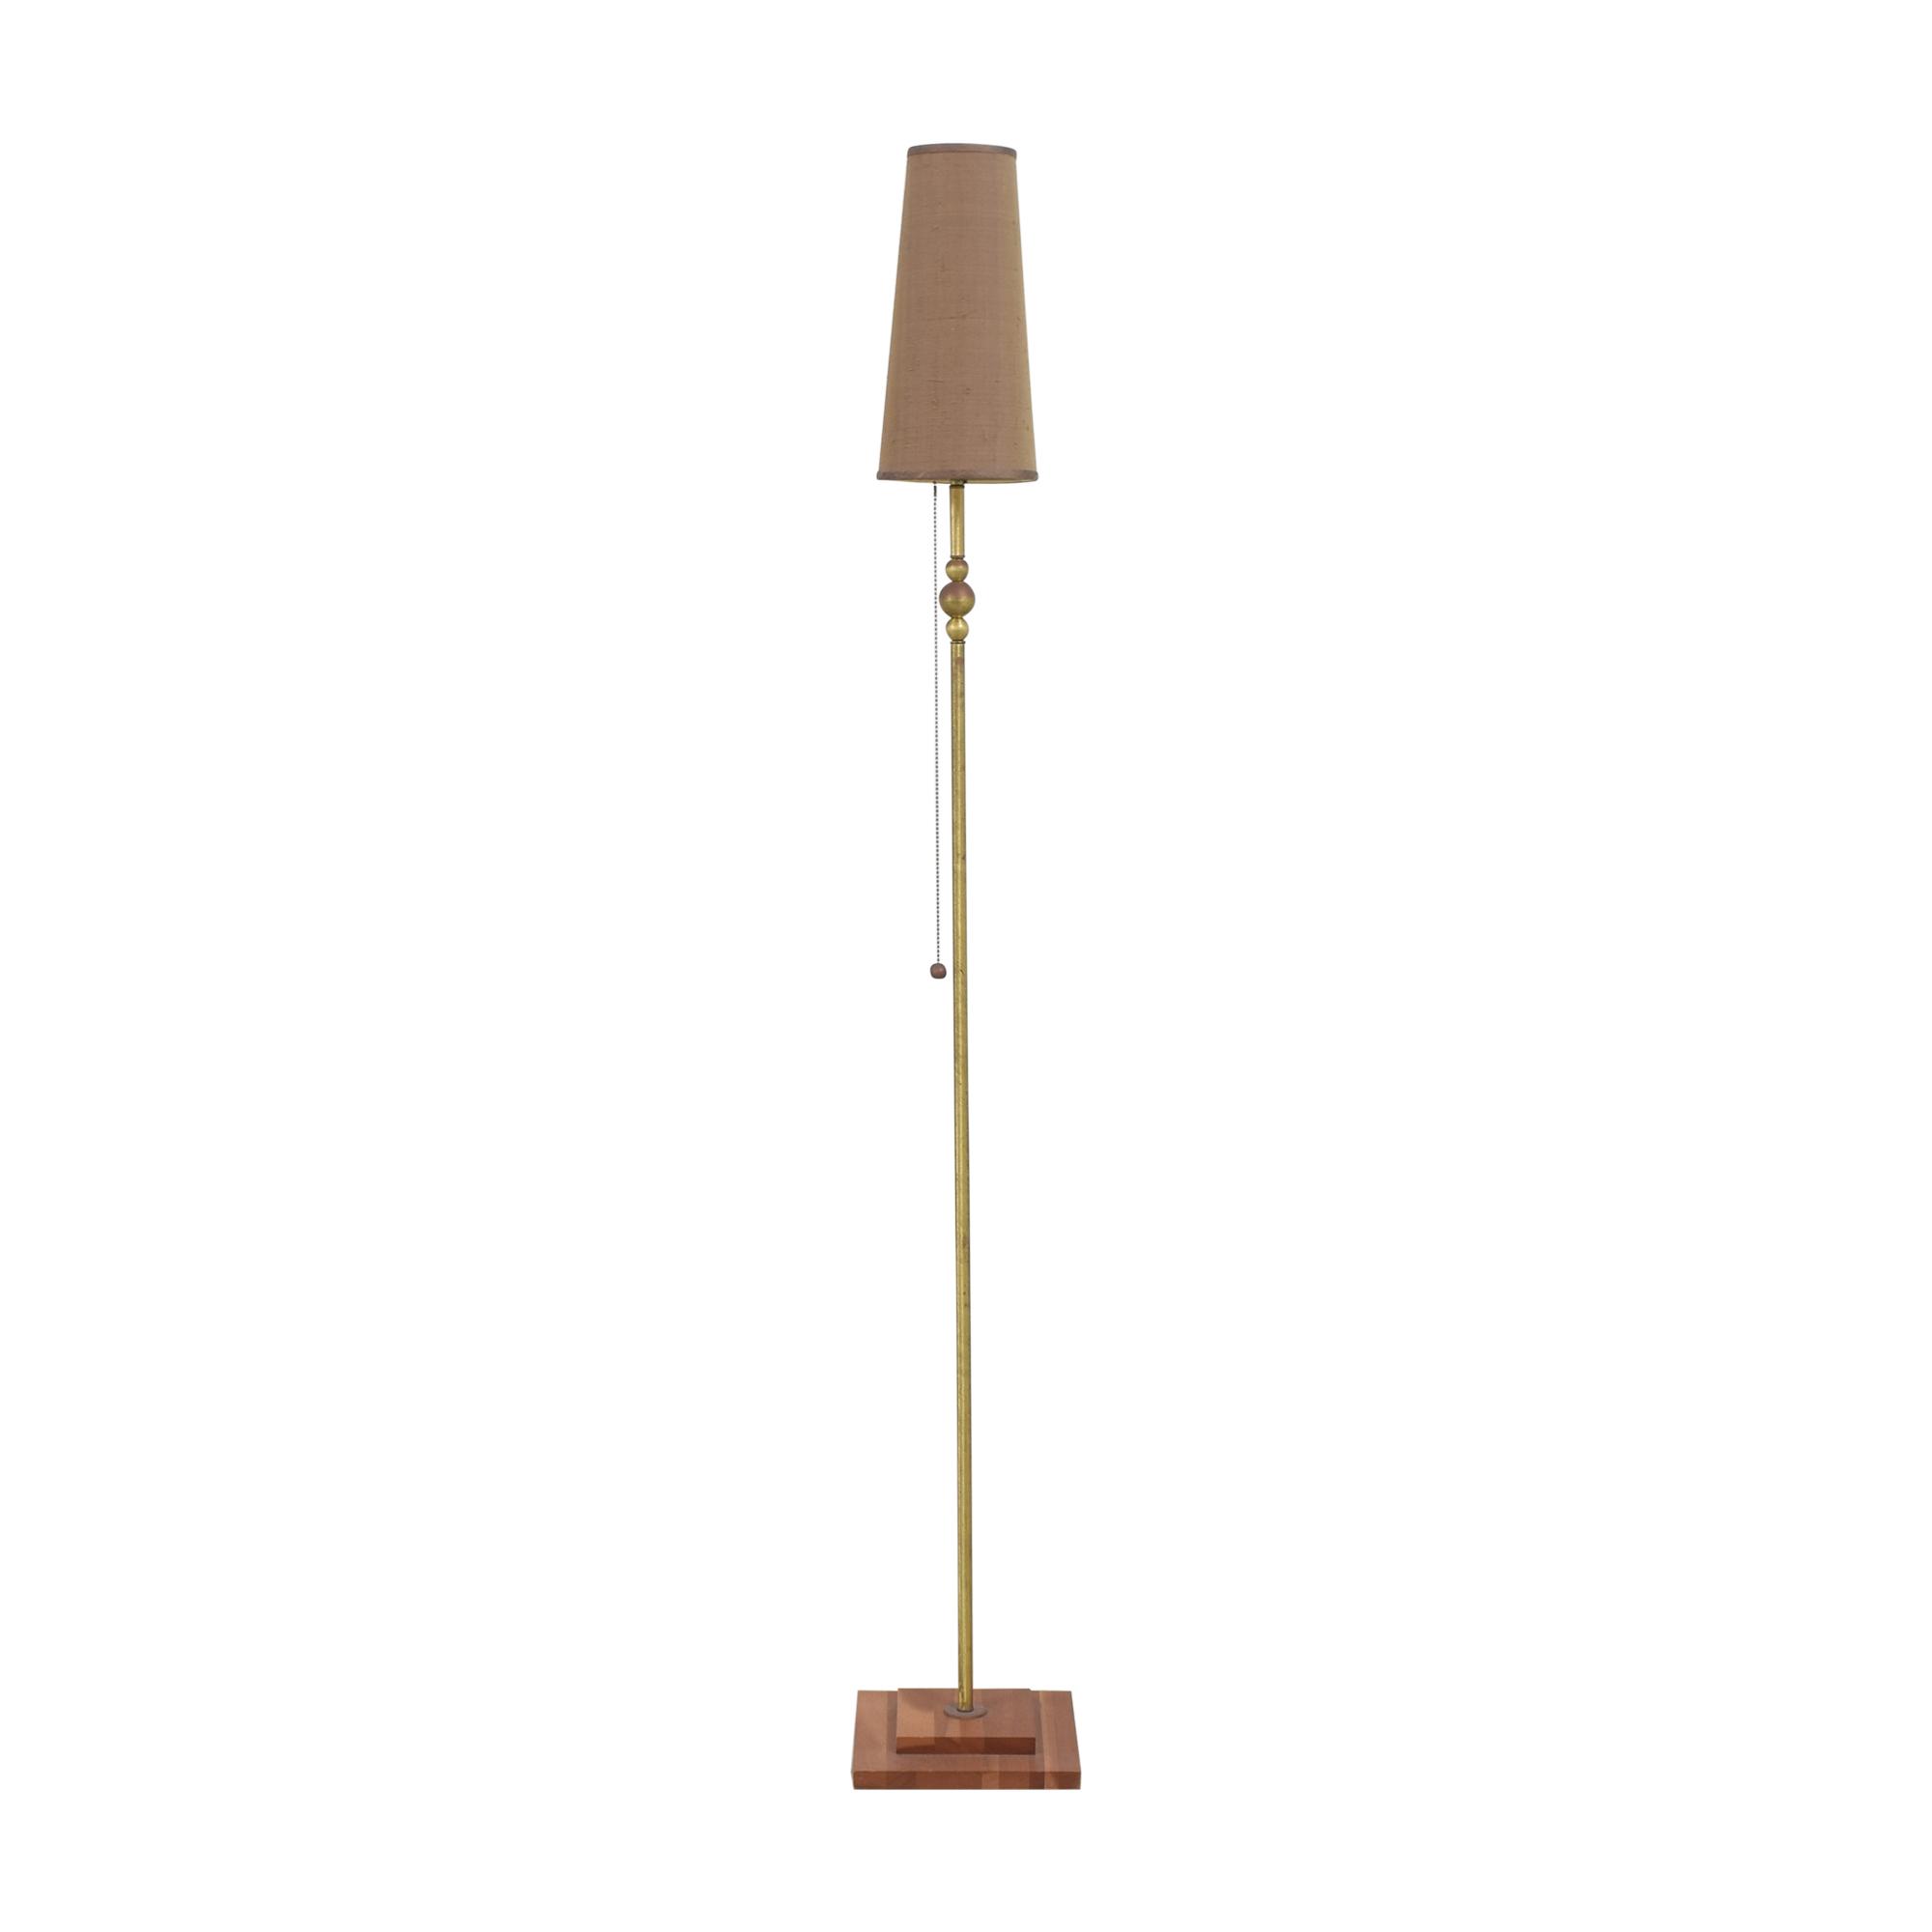 CX Design Floor Lamp / Decor